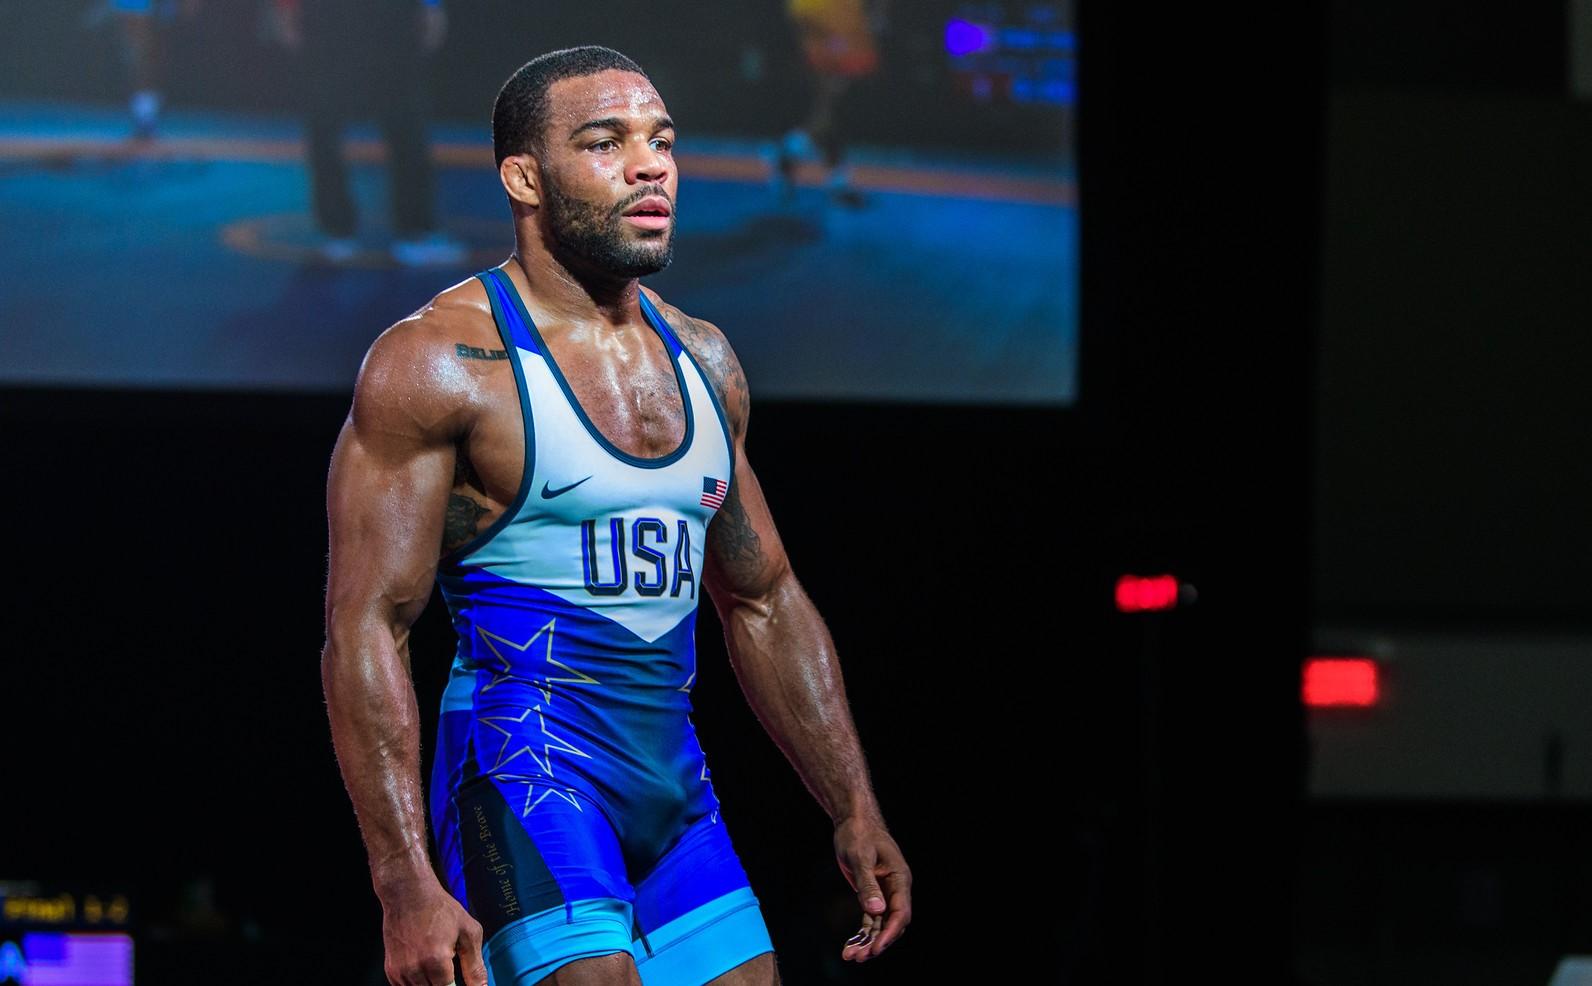 کشتی-کشتی آمریکا-Wrestling-america Wrestling